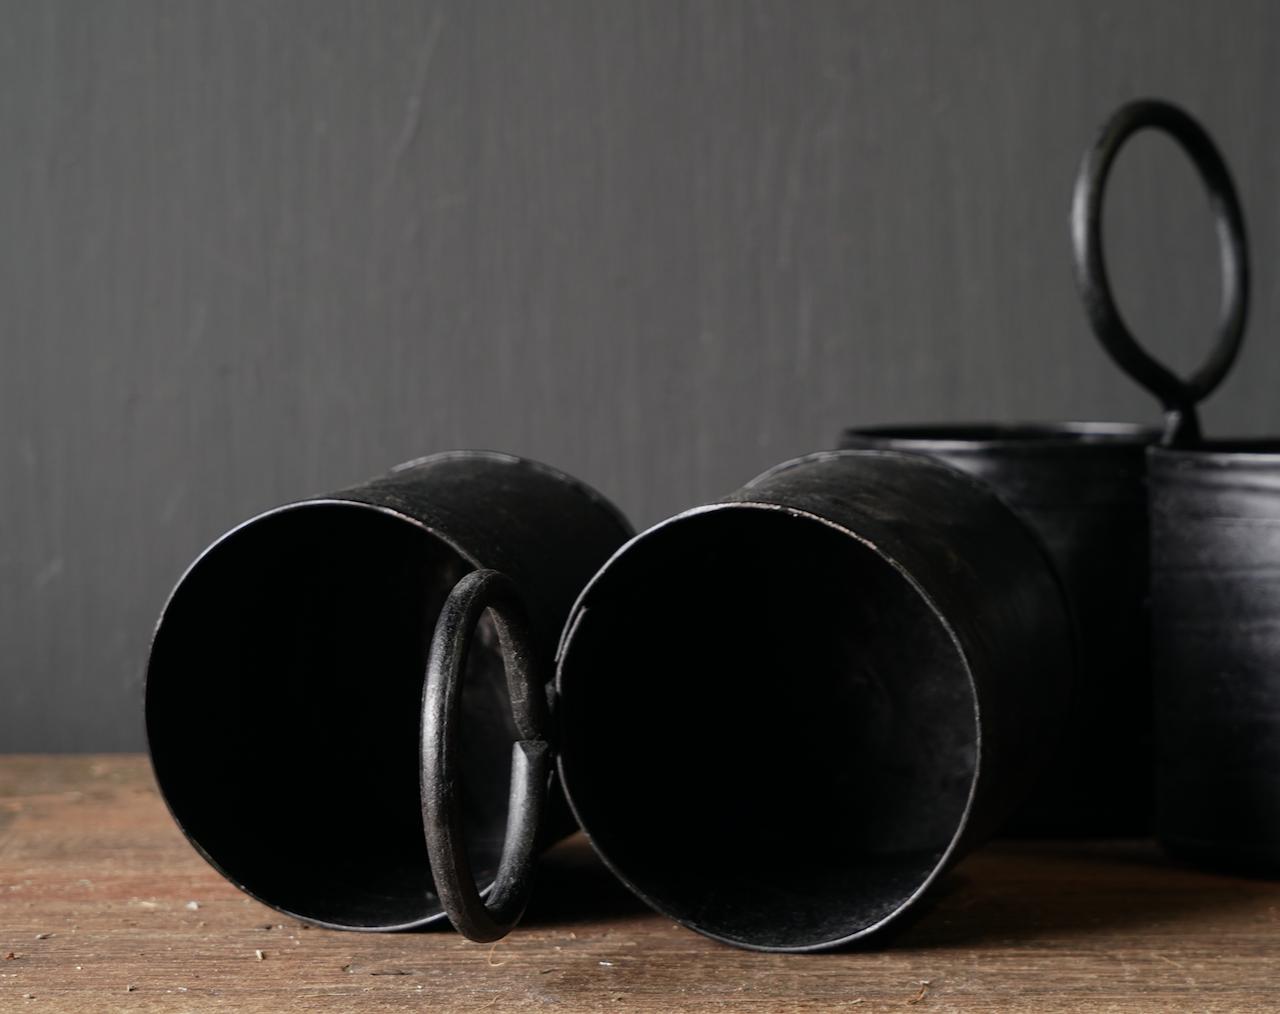 Black Iron Cups 2 zusammen mit Griff-3